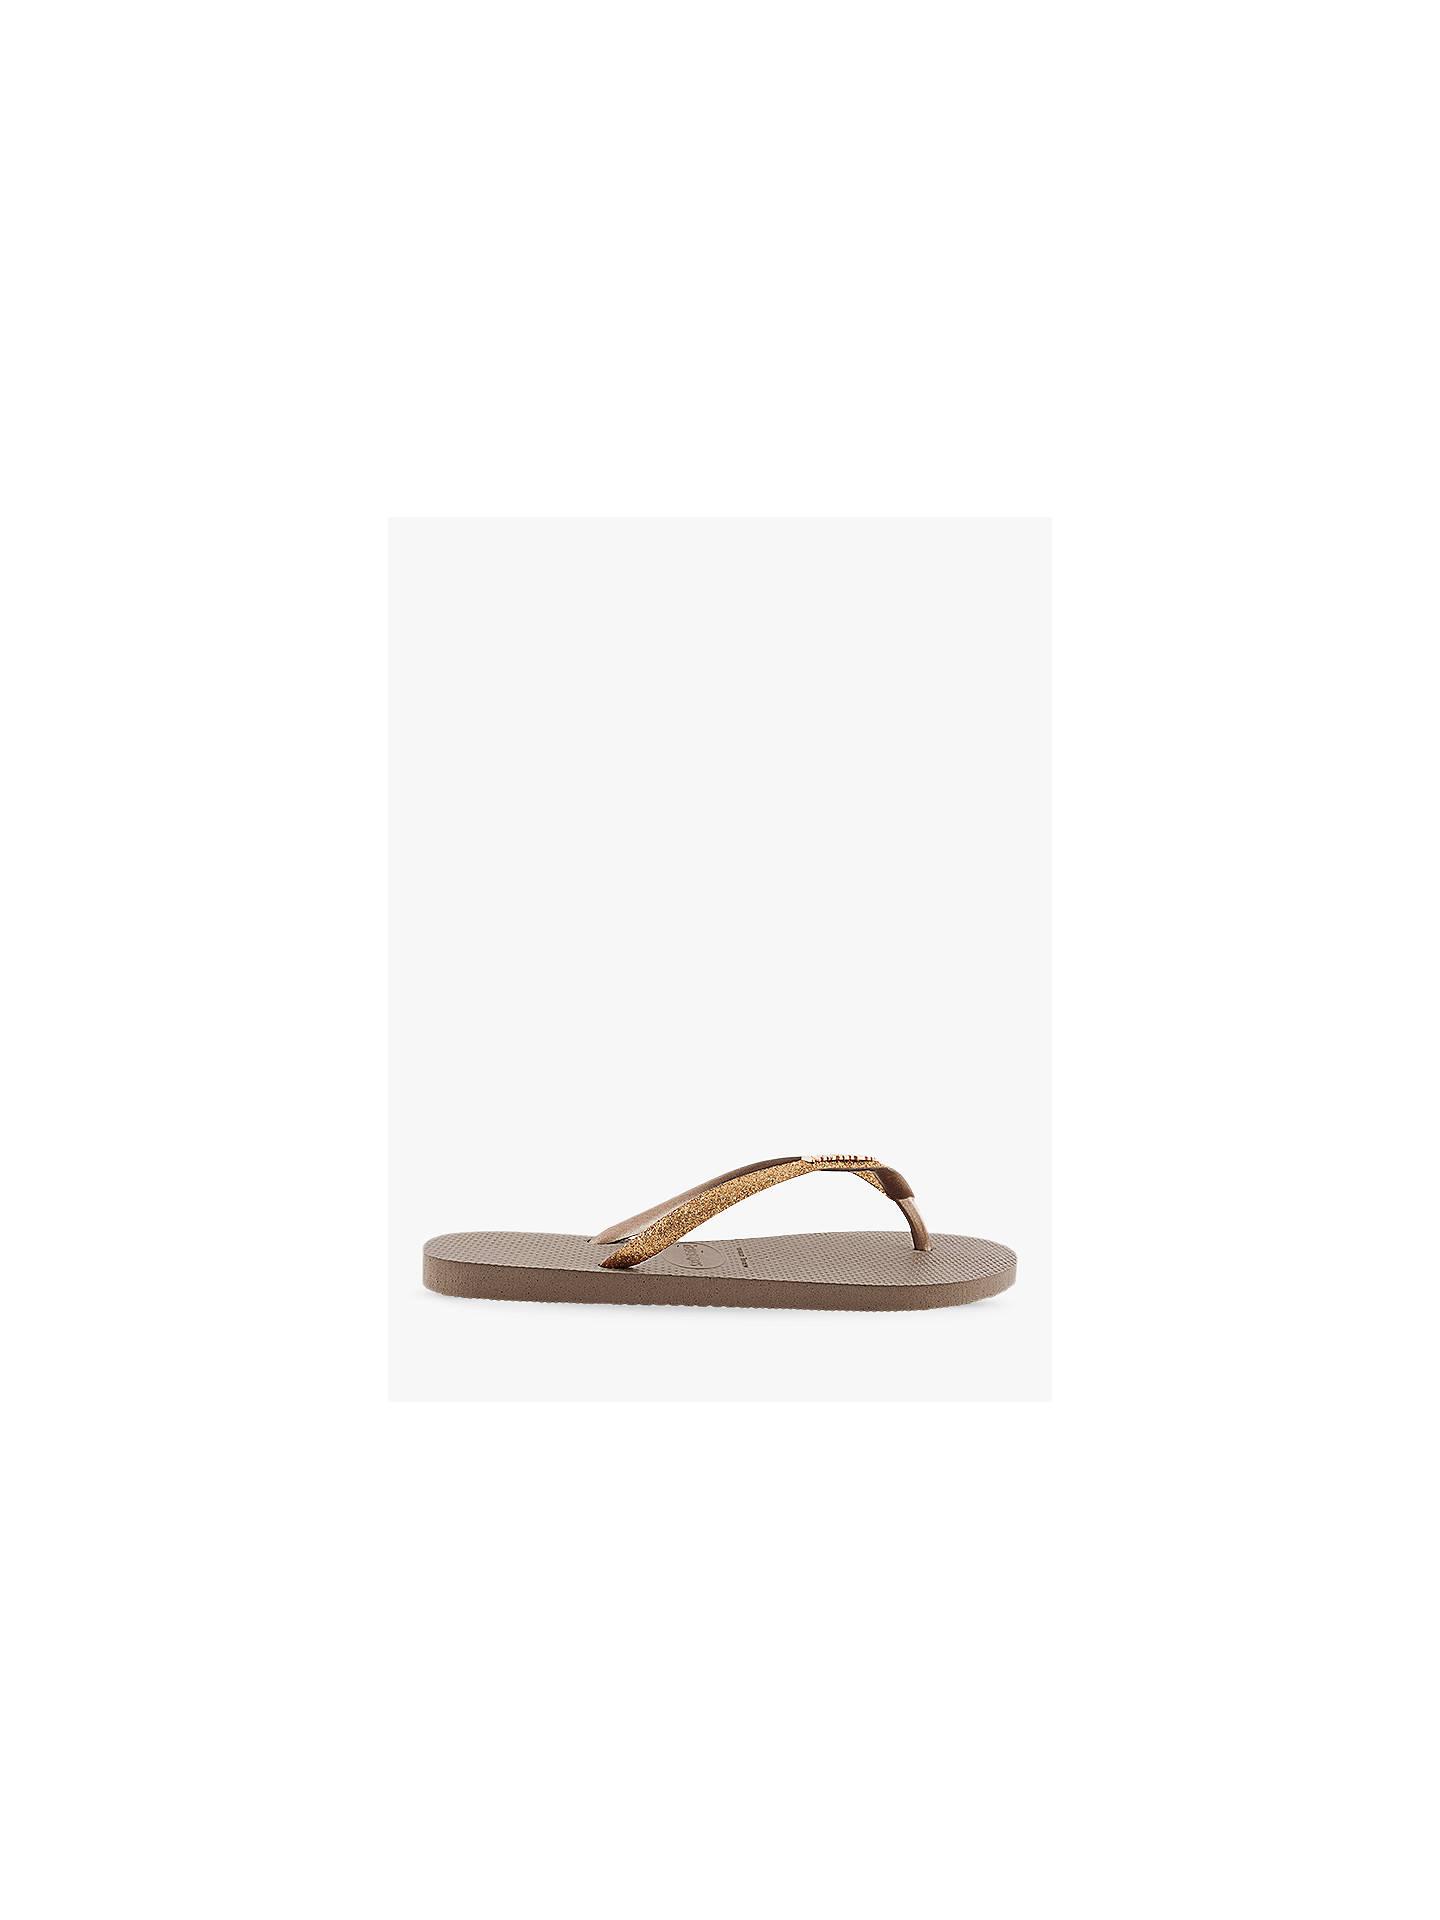 96adb2f1c9d Buy Havaianas Slim Glitter Flip Flops